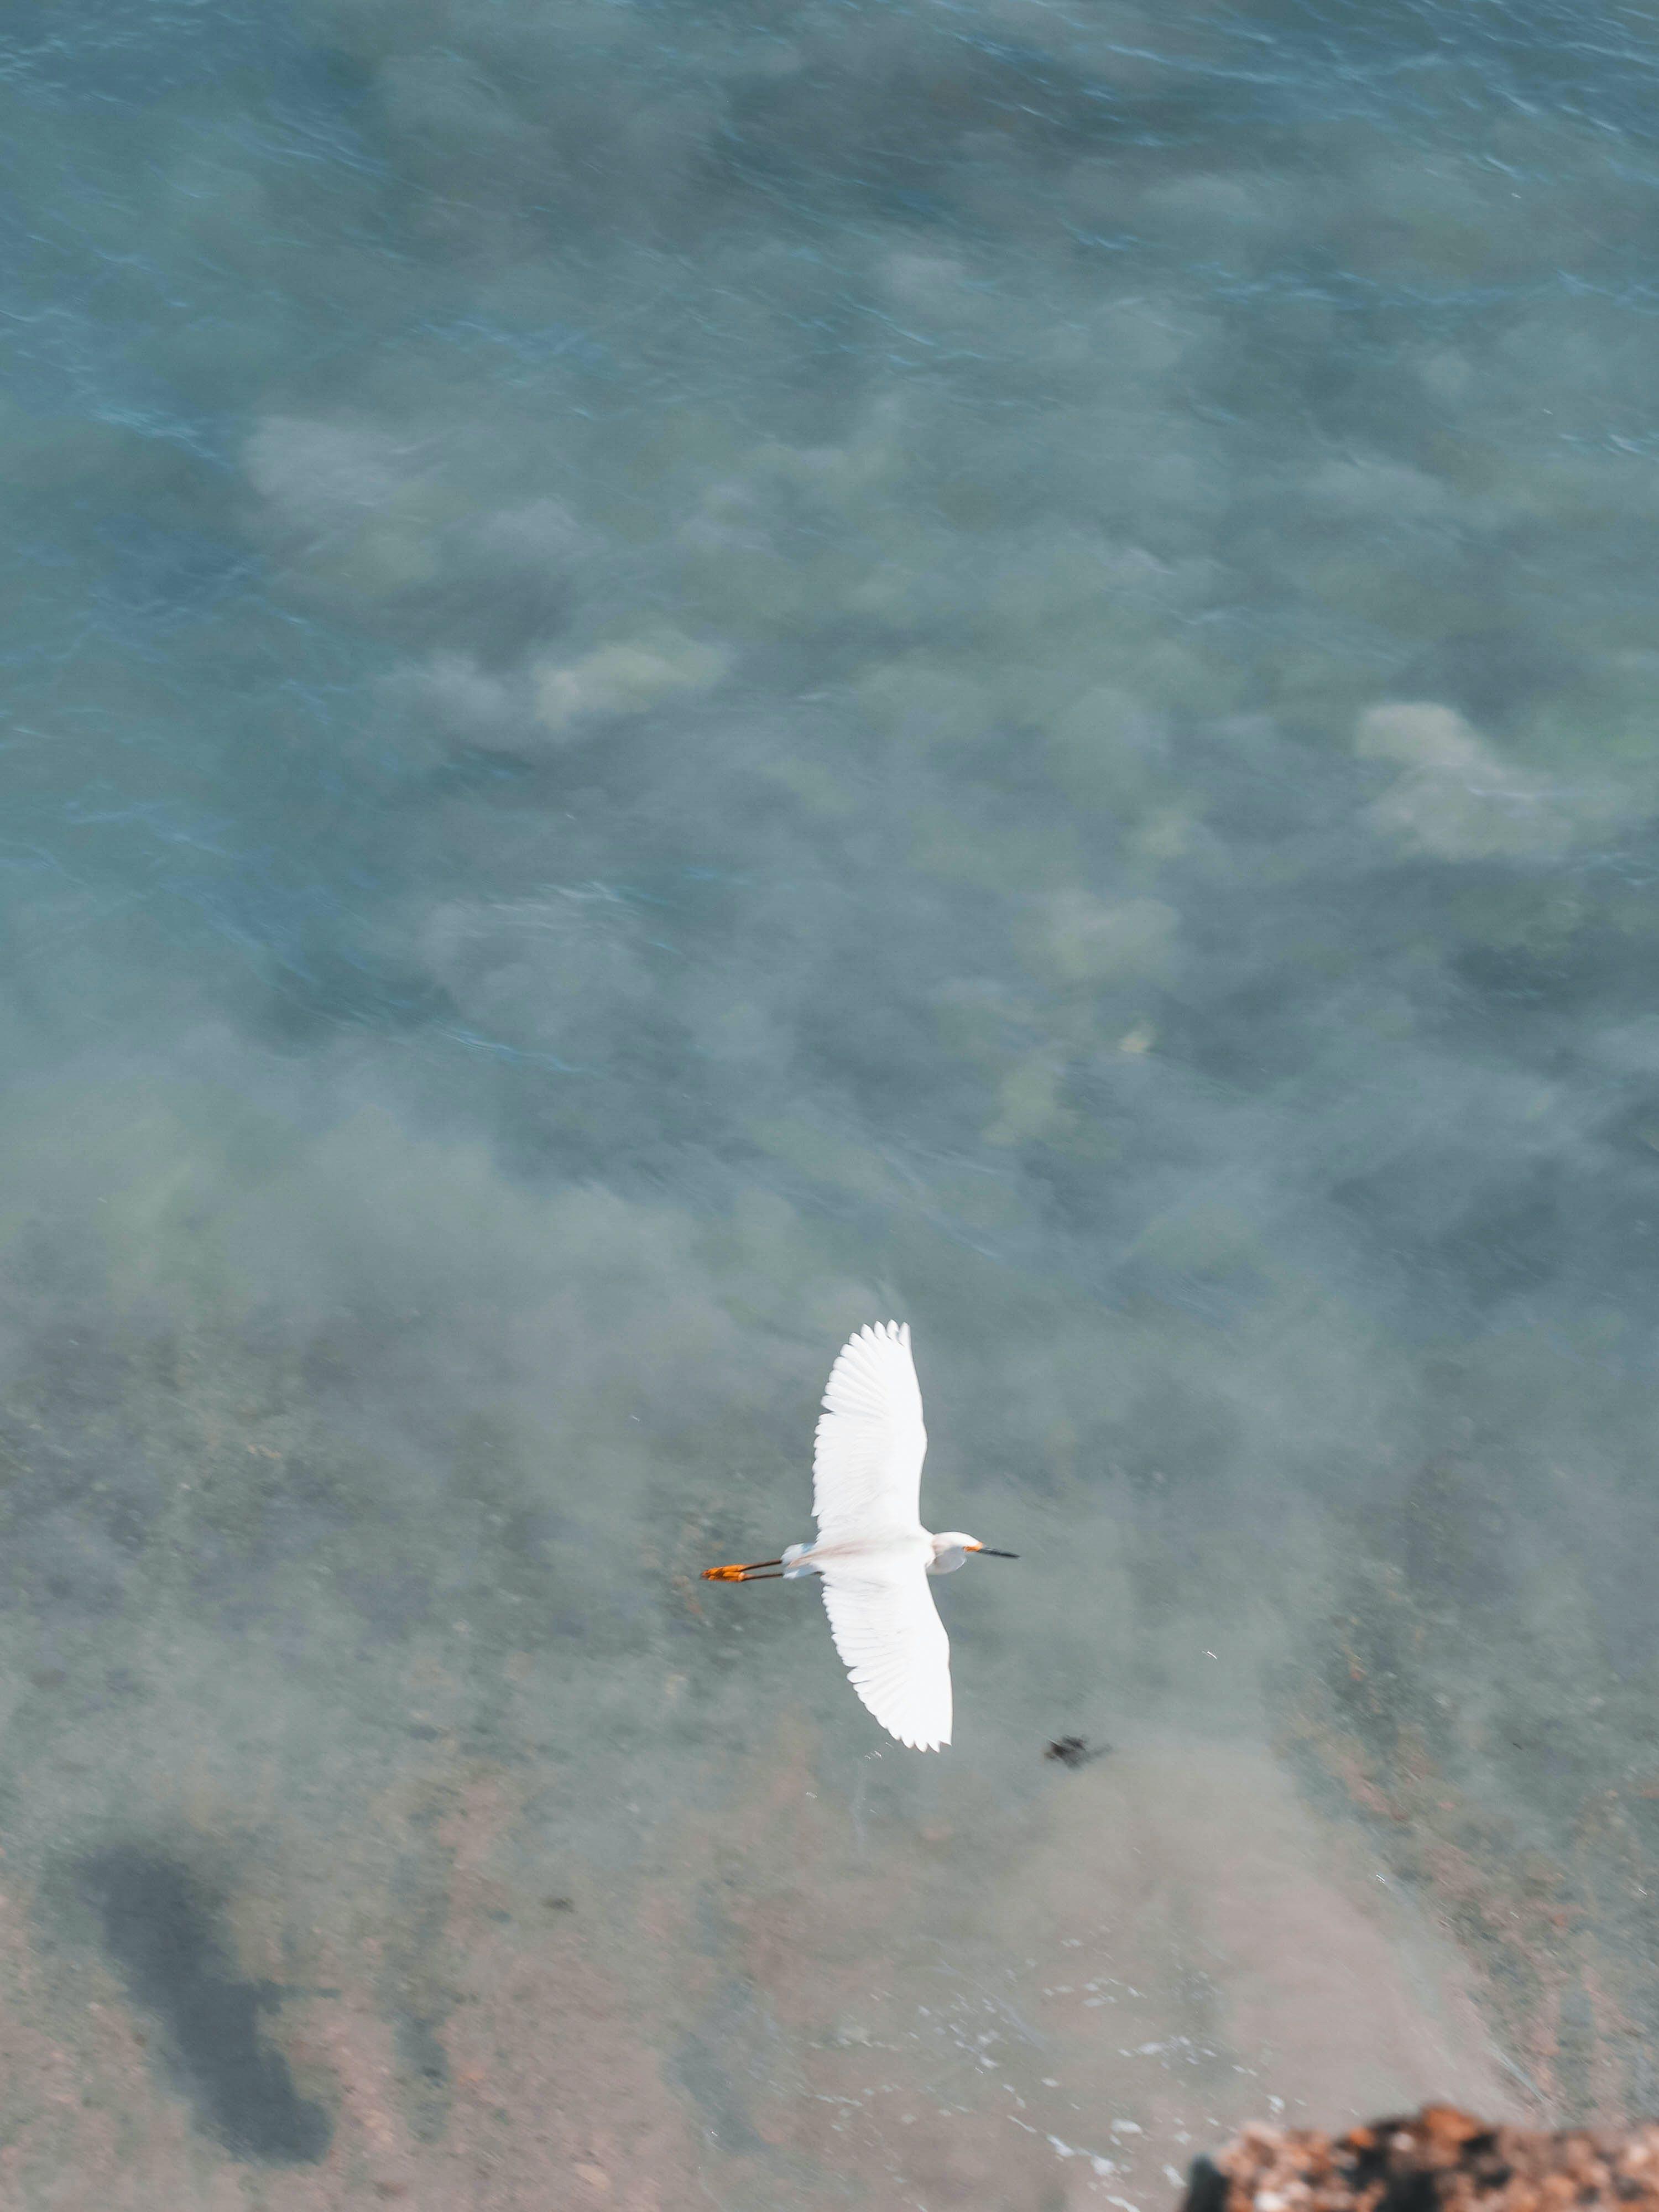 Δωρεάν στοκ φωτογραφιών με γαλάζια νερά, ζεστός, ζώο, καλοκαίρι